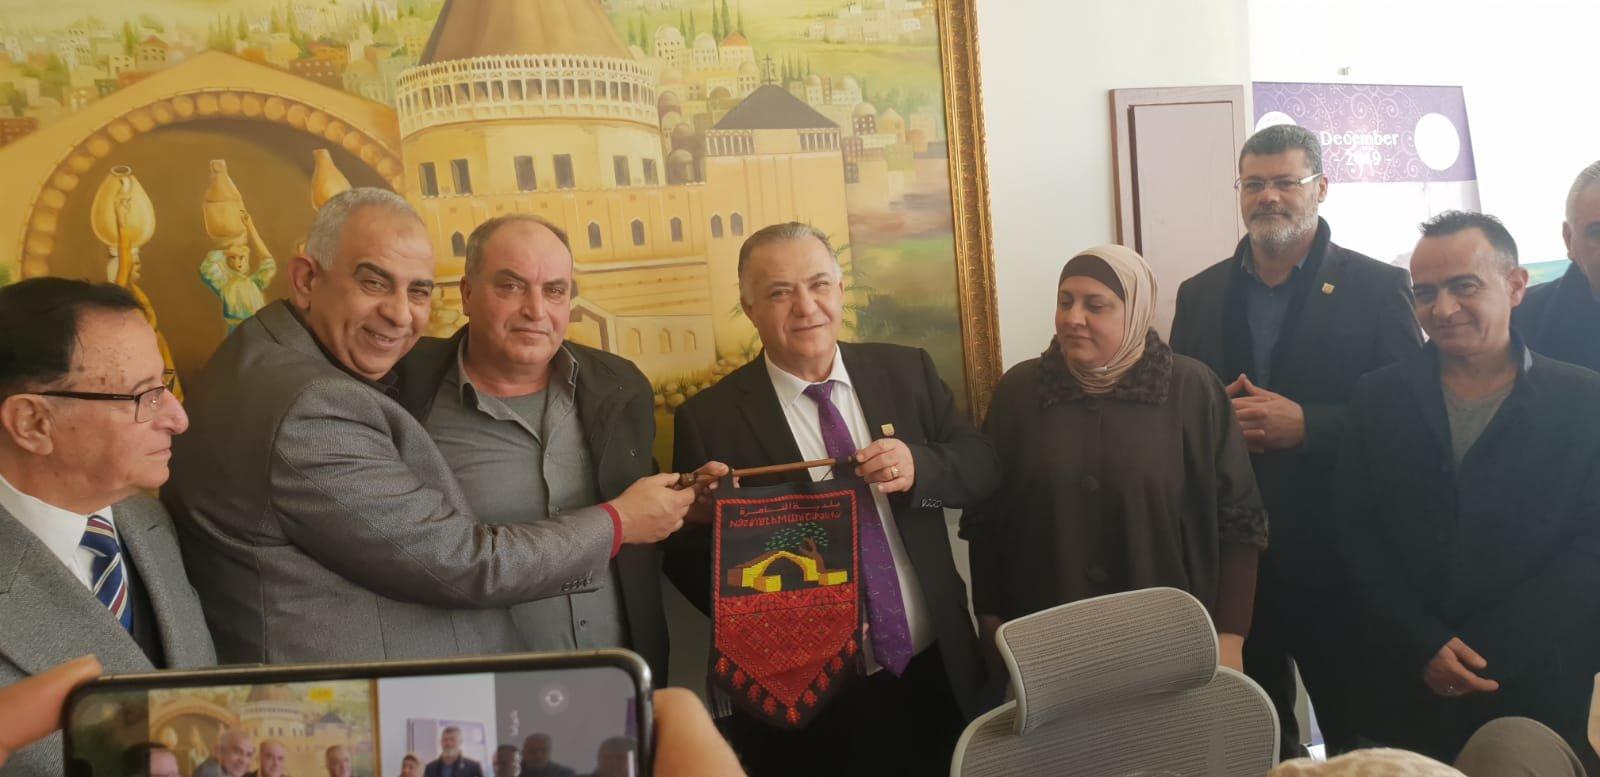 رئيس بلدية جنين فايز السعدي وأعضاء بلدية يزورون بلدية الناصرة-19